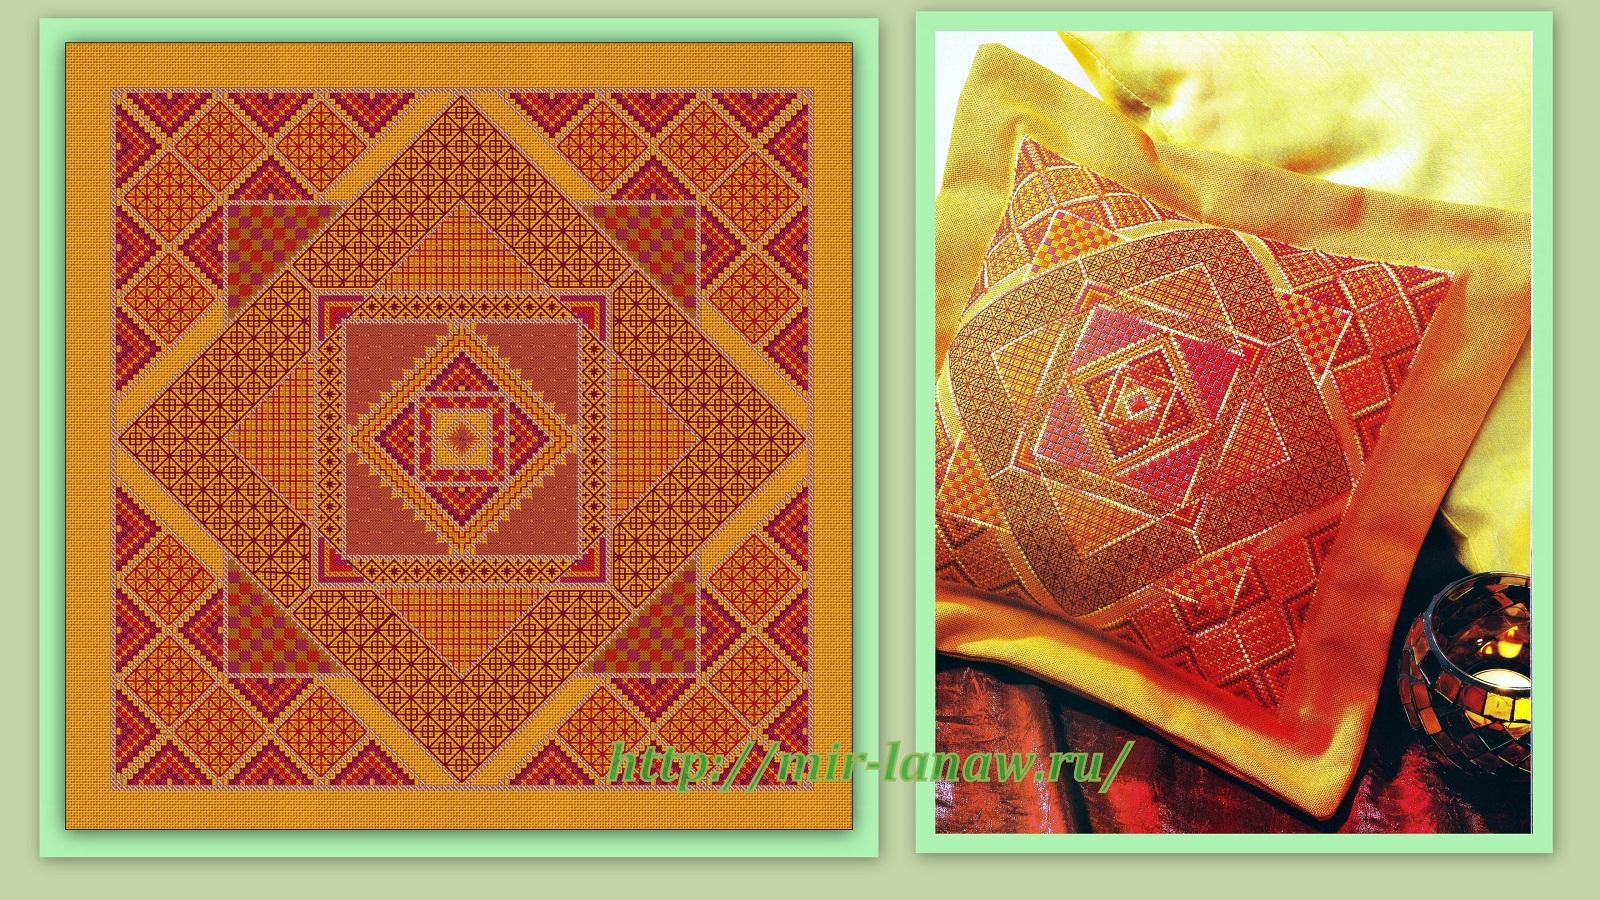 А вот вторую «Узорчатую подушку» («Honeycomb cusion») вышила бы для  прохлады и спокойствия 34a6a446ace57